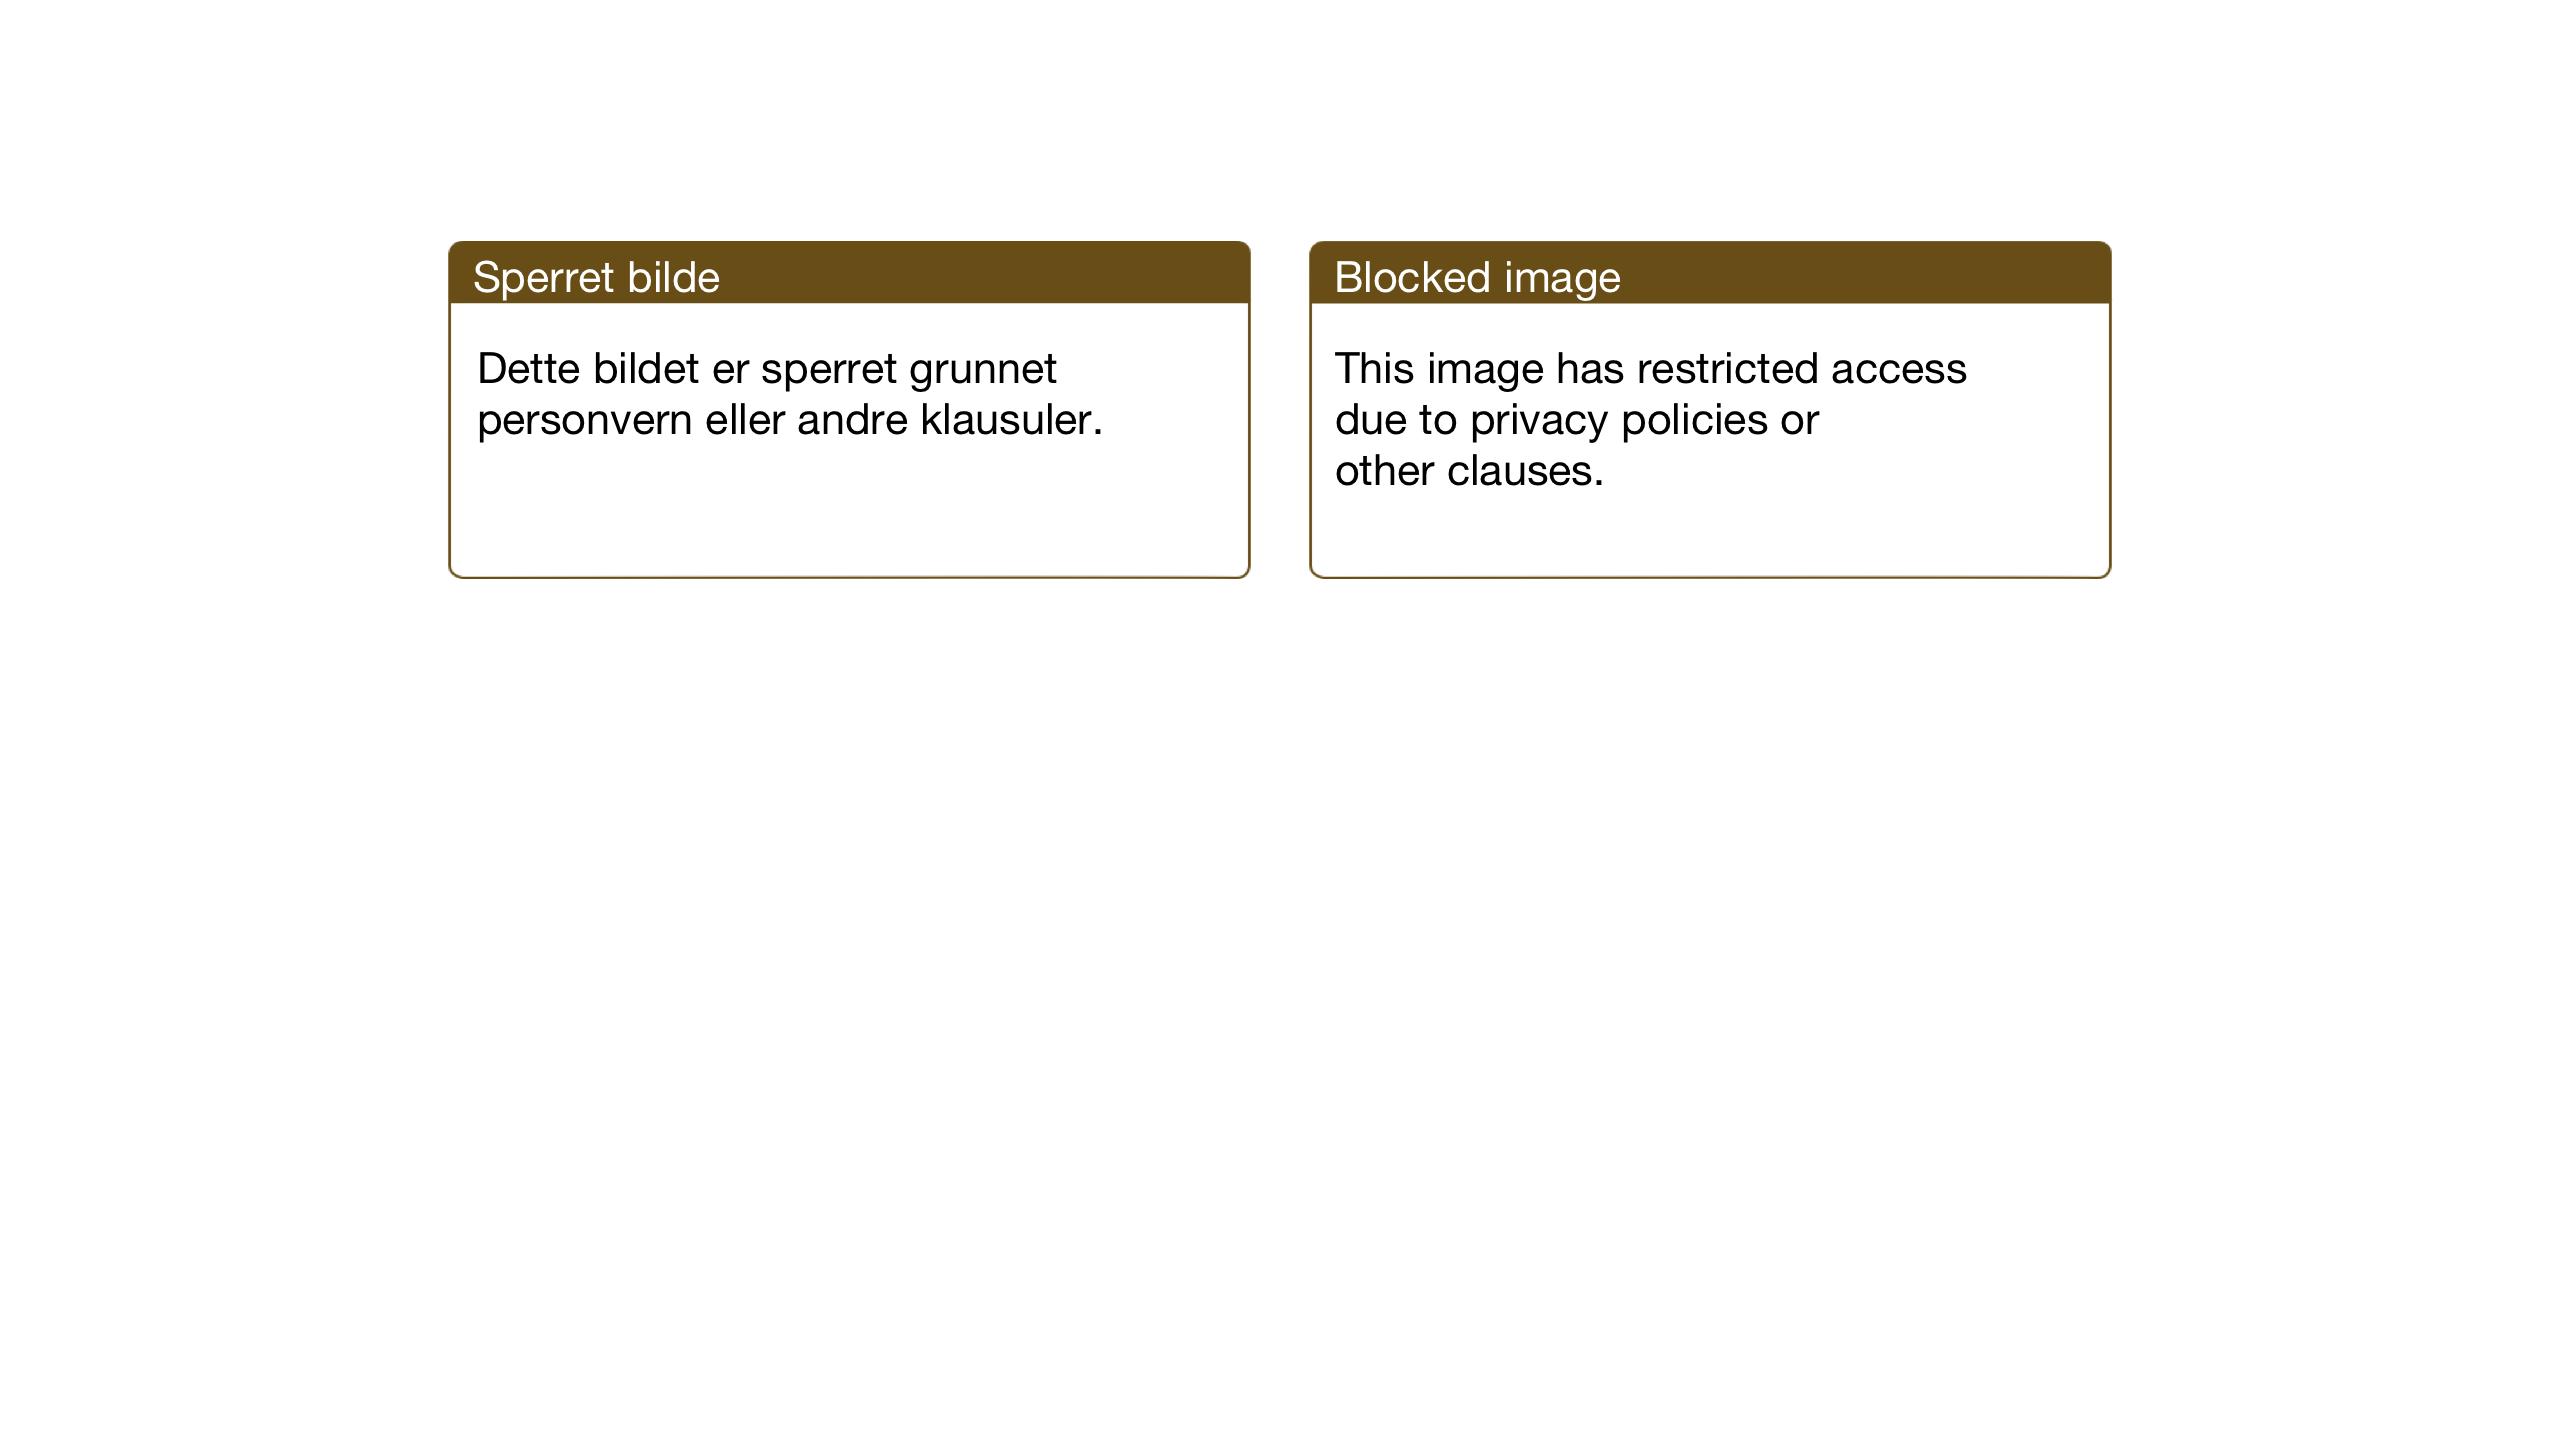 SAT, Ministerialprotokoller, klokkerbøker og fødselsregistre - Nord-Trøndelag, 709/L0088: Klokkerbok nr. 709C02, 1914-1934, s. 82